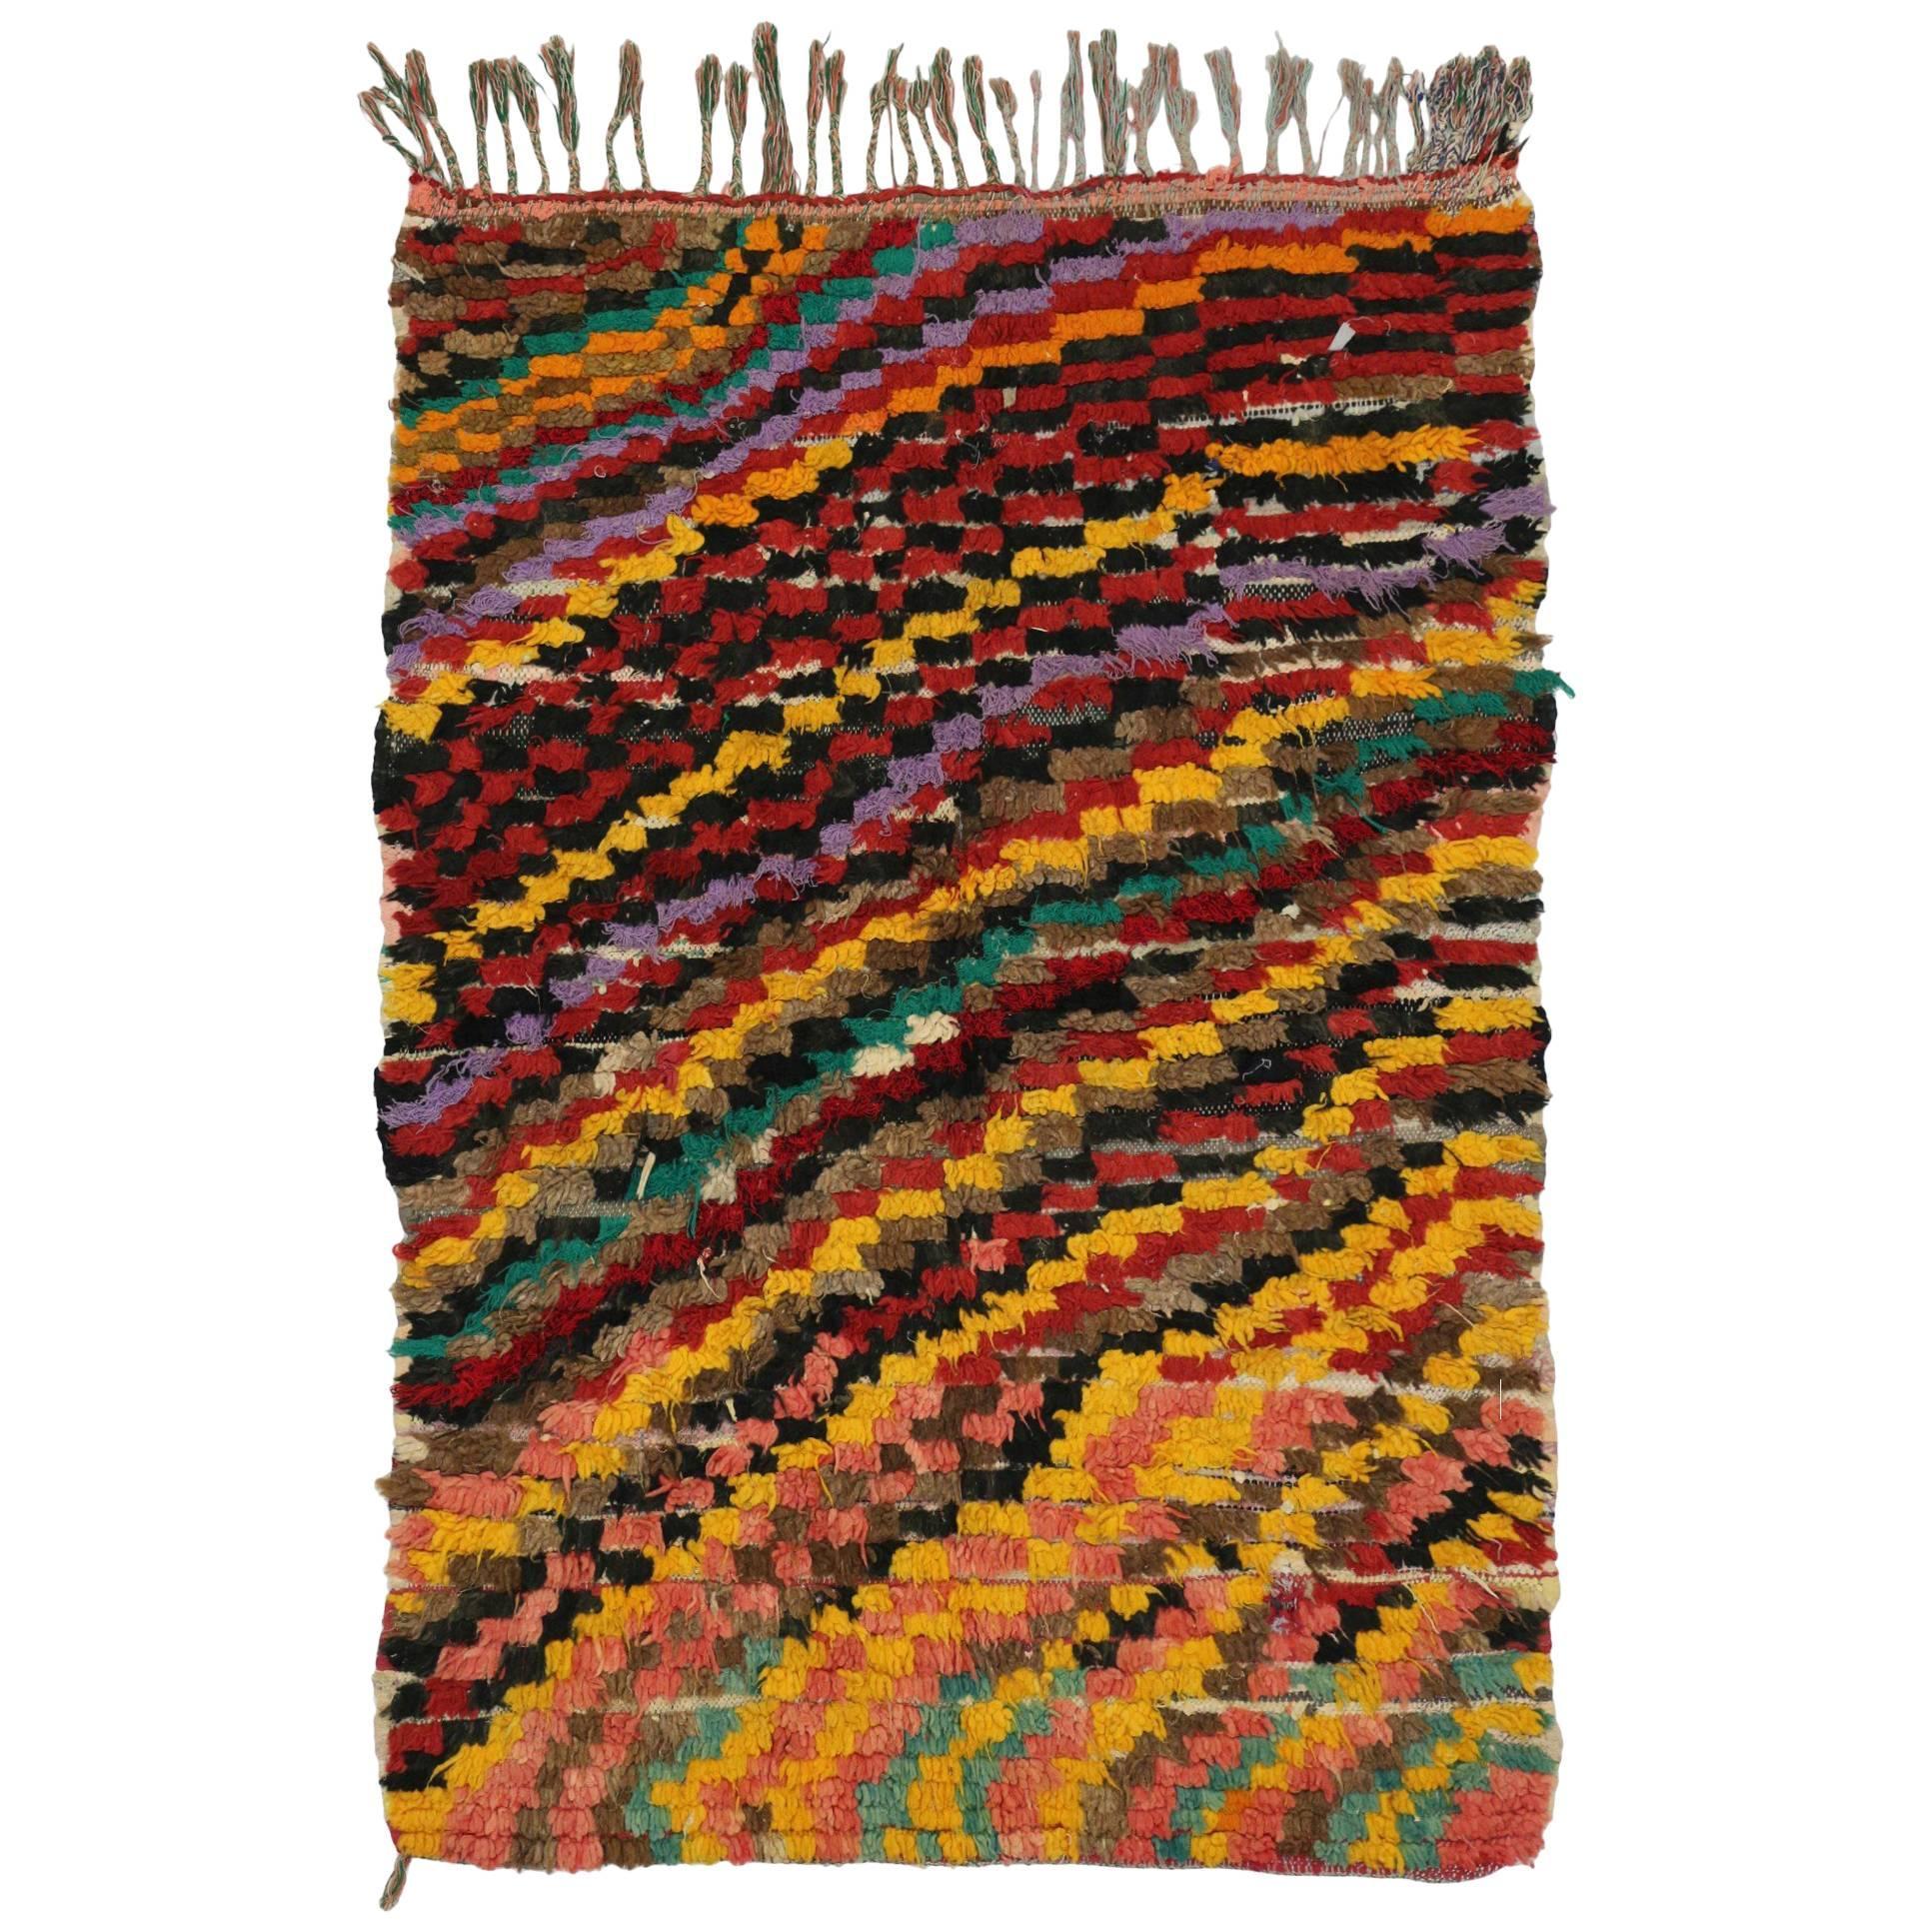 Contemporary Abstract Vintage Moroccan Boucherouite Rug, Moroccan Shag Rug